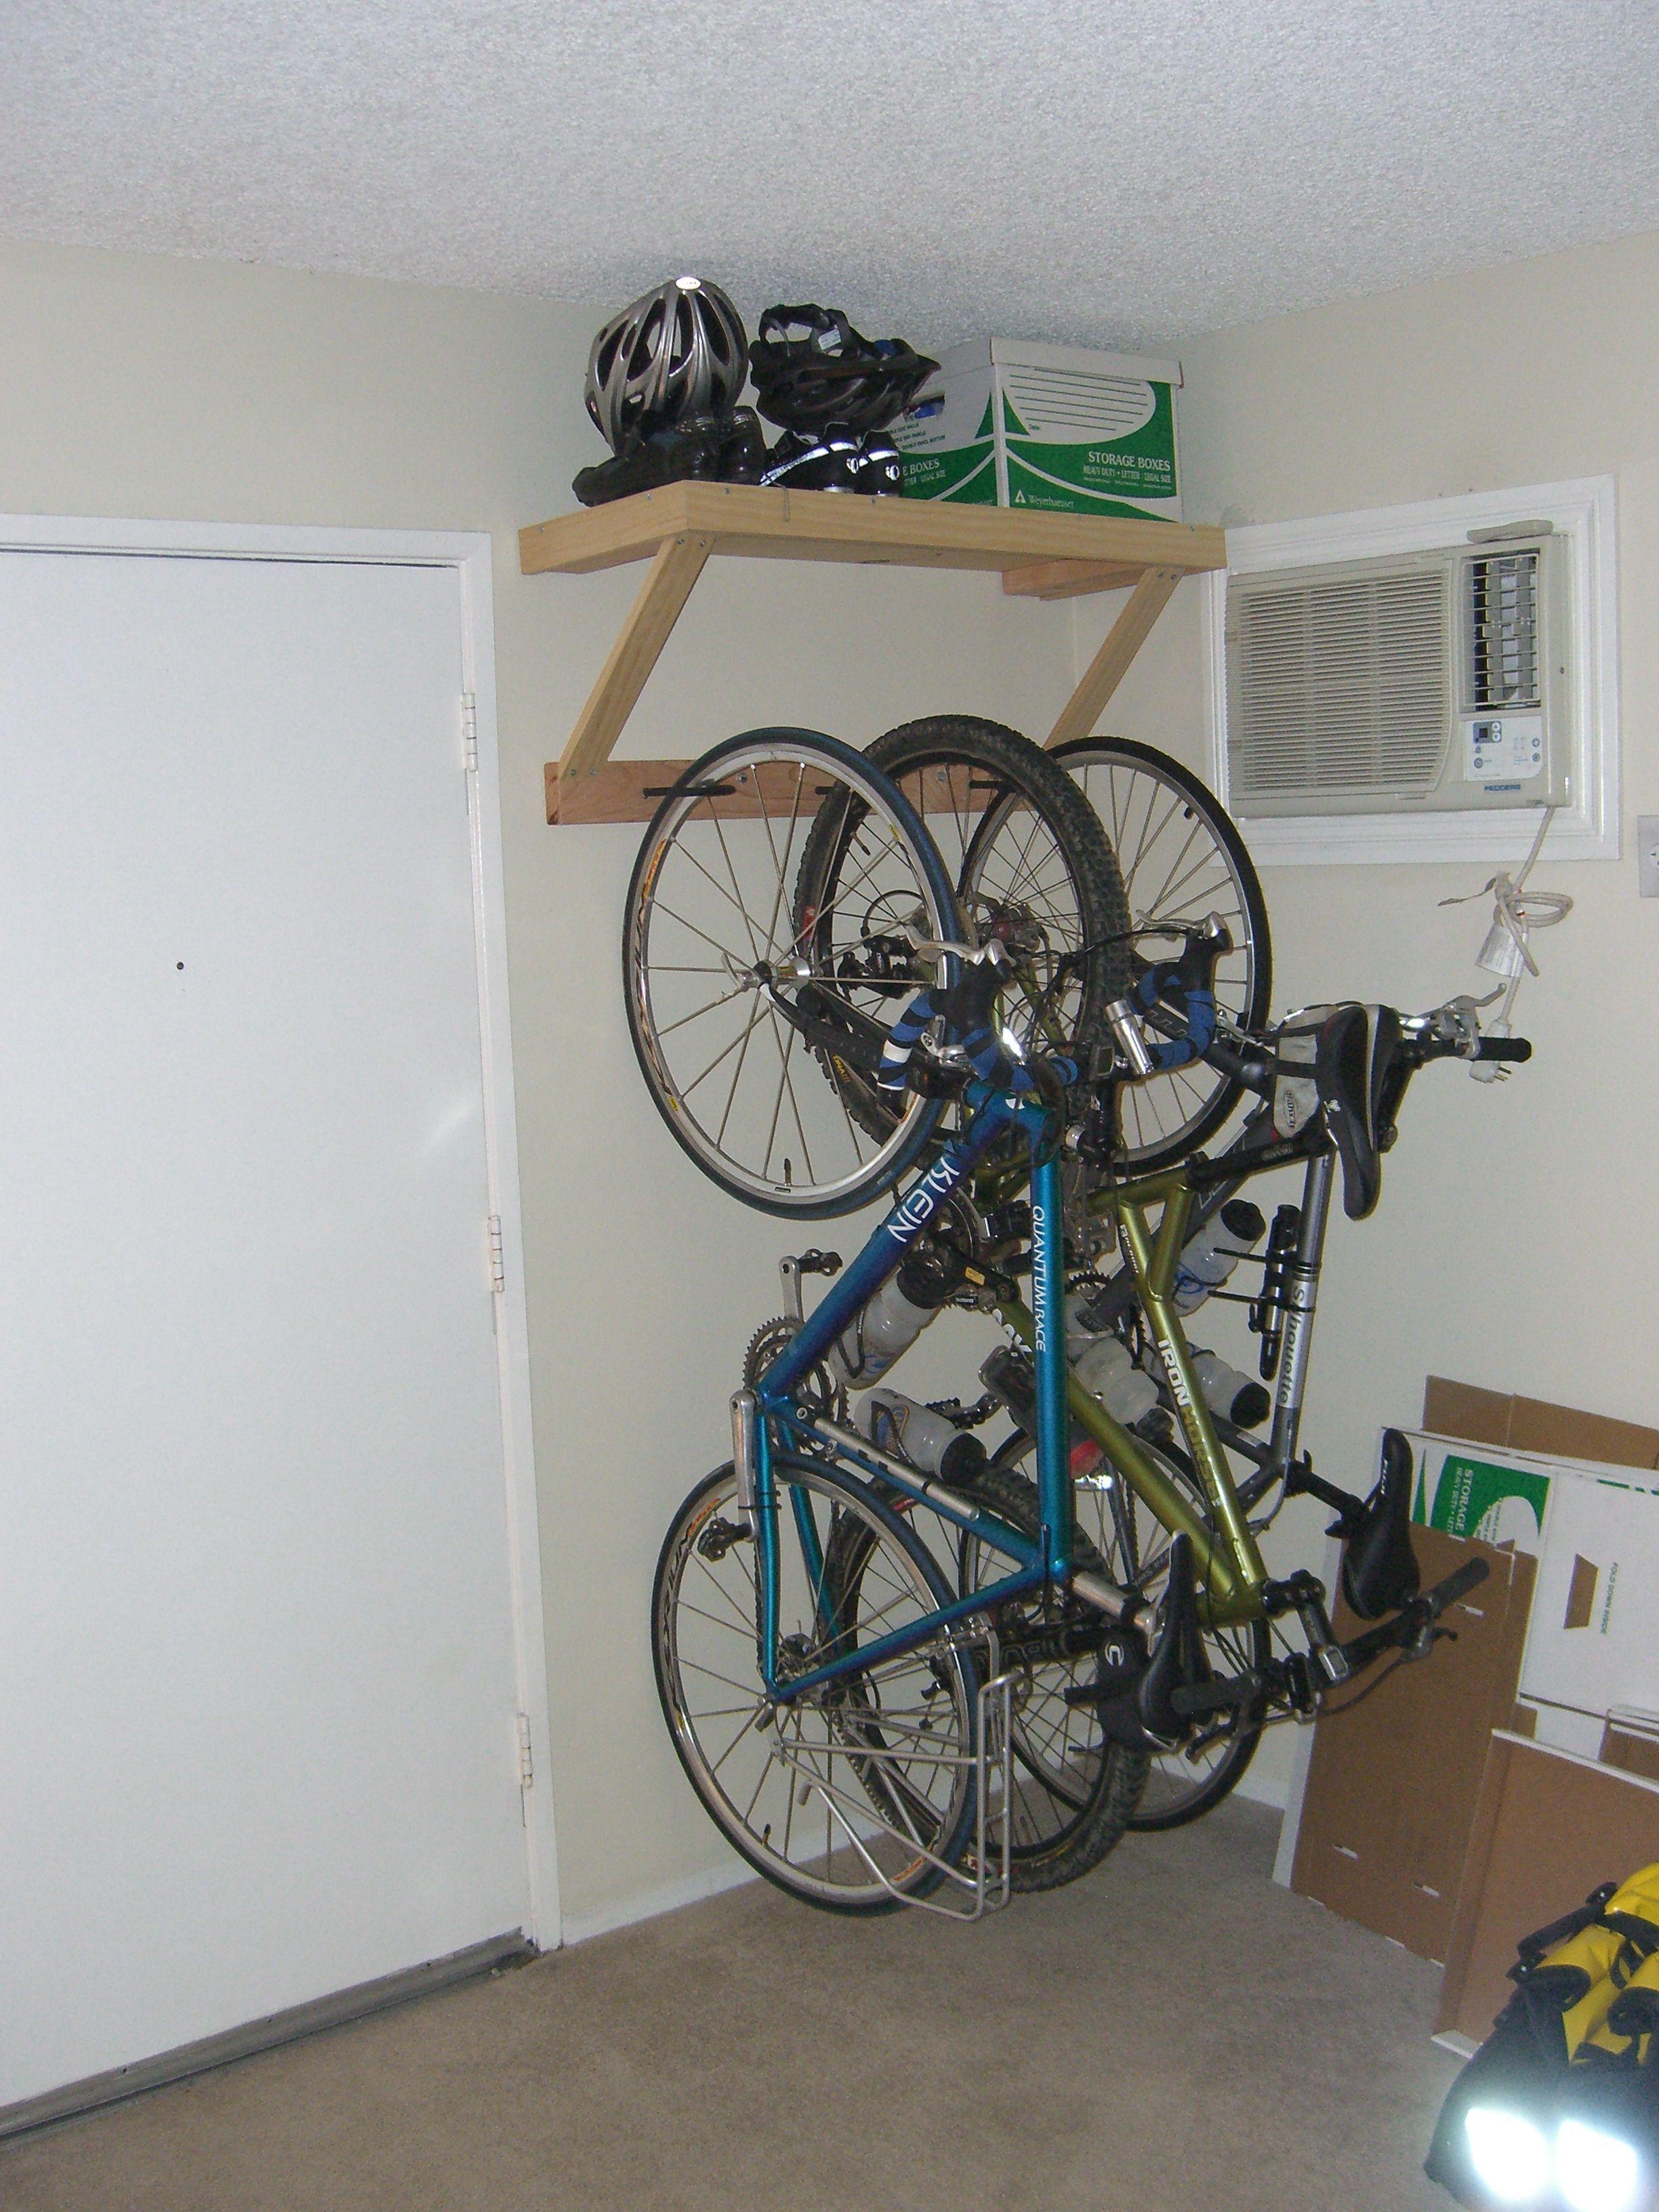 36 Diy Garage Storage Ideas To Help You Find The Best Idea Bicycle Storage Garage Bicycle Storage Bike Storage Garage